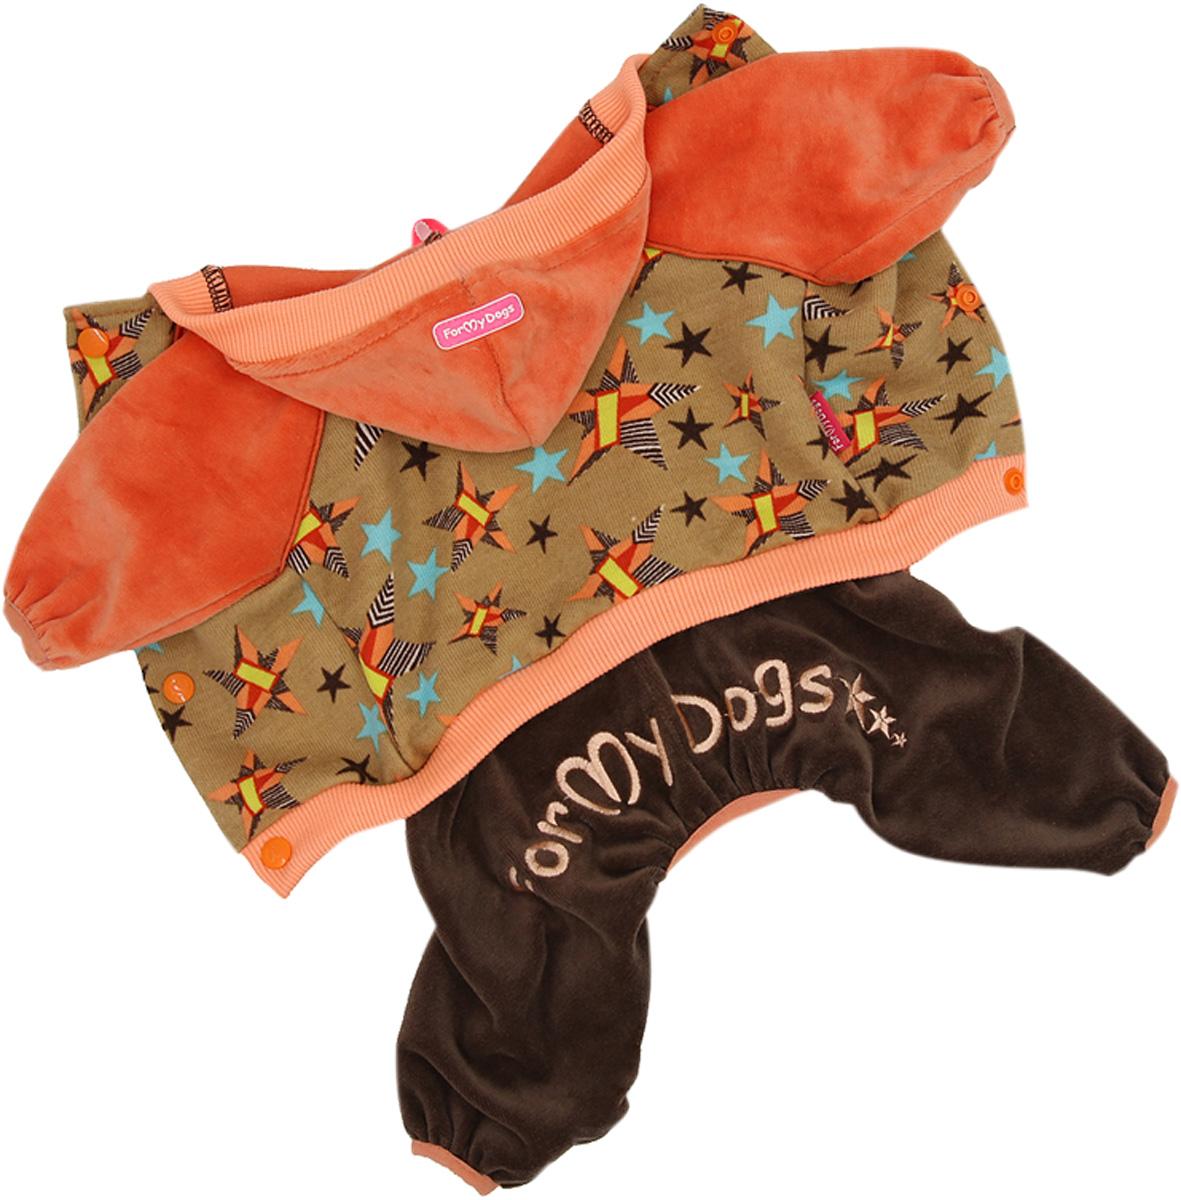 For My Dogs костюм для собак утепленный велюр оранжево/коричневый 264ss-2017 Or/Br (16)